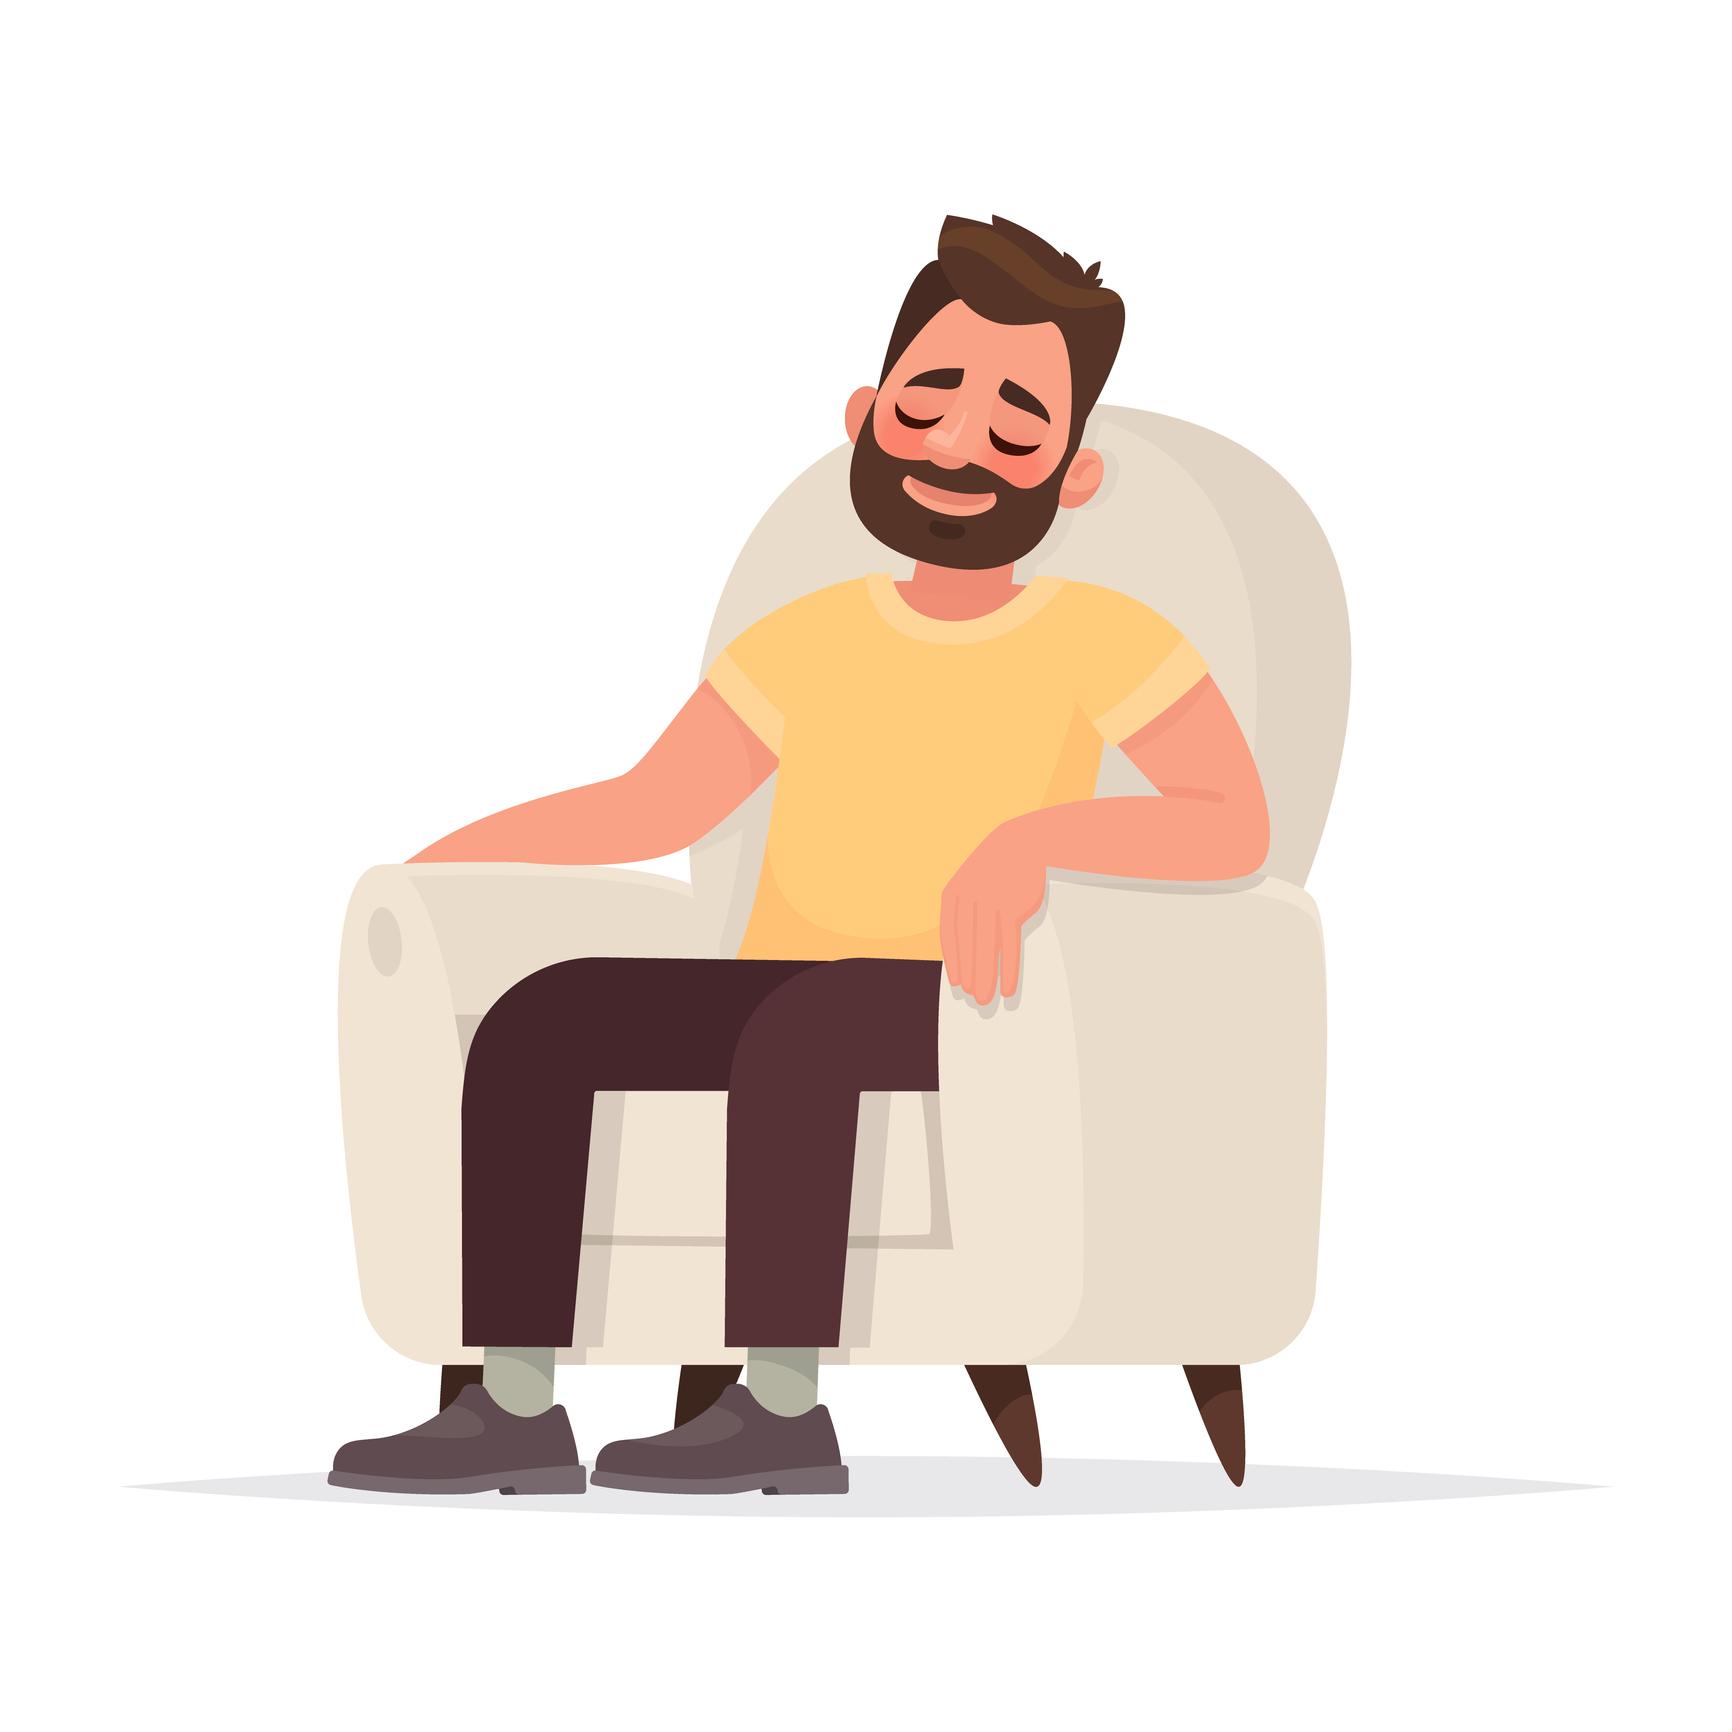 Znate onaj osjećaj padanja kad zaspivate? Postoje dvije teorije o tome zašto nam se to događa